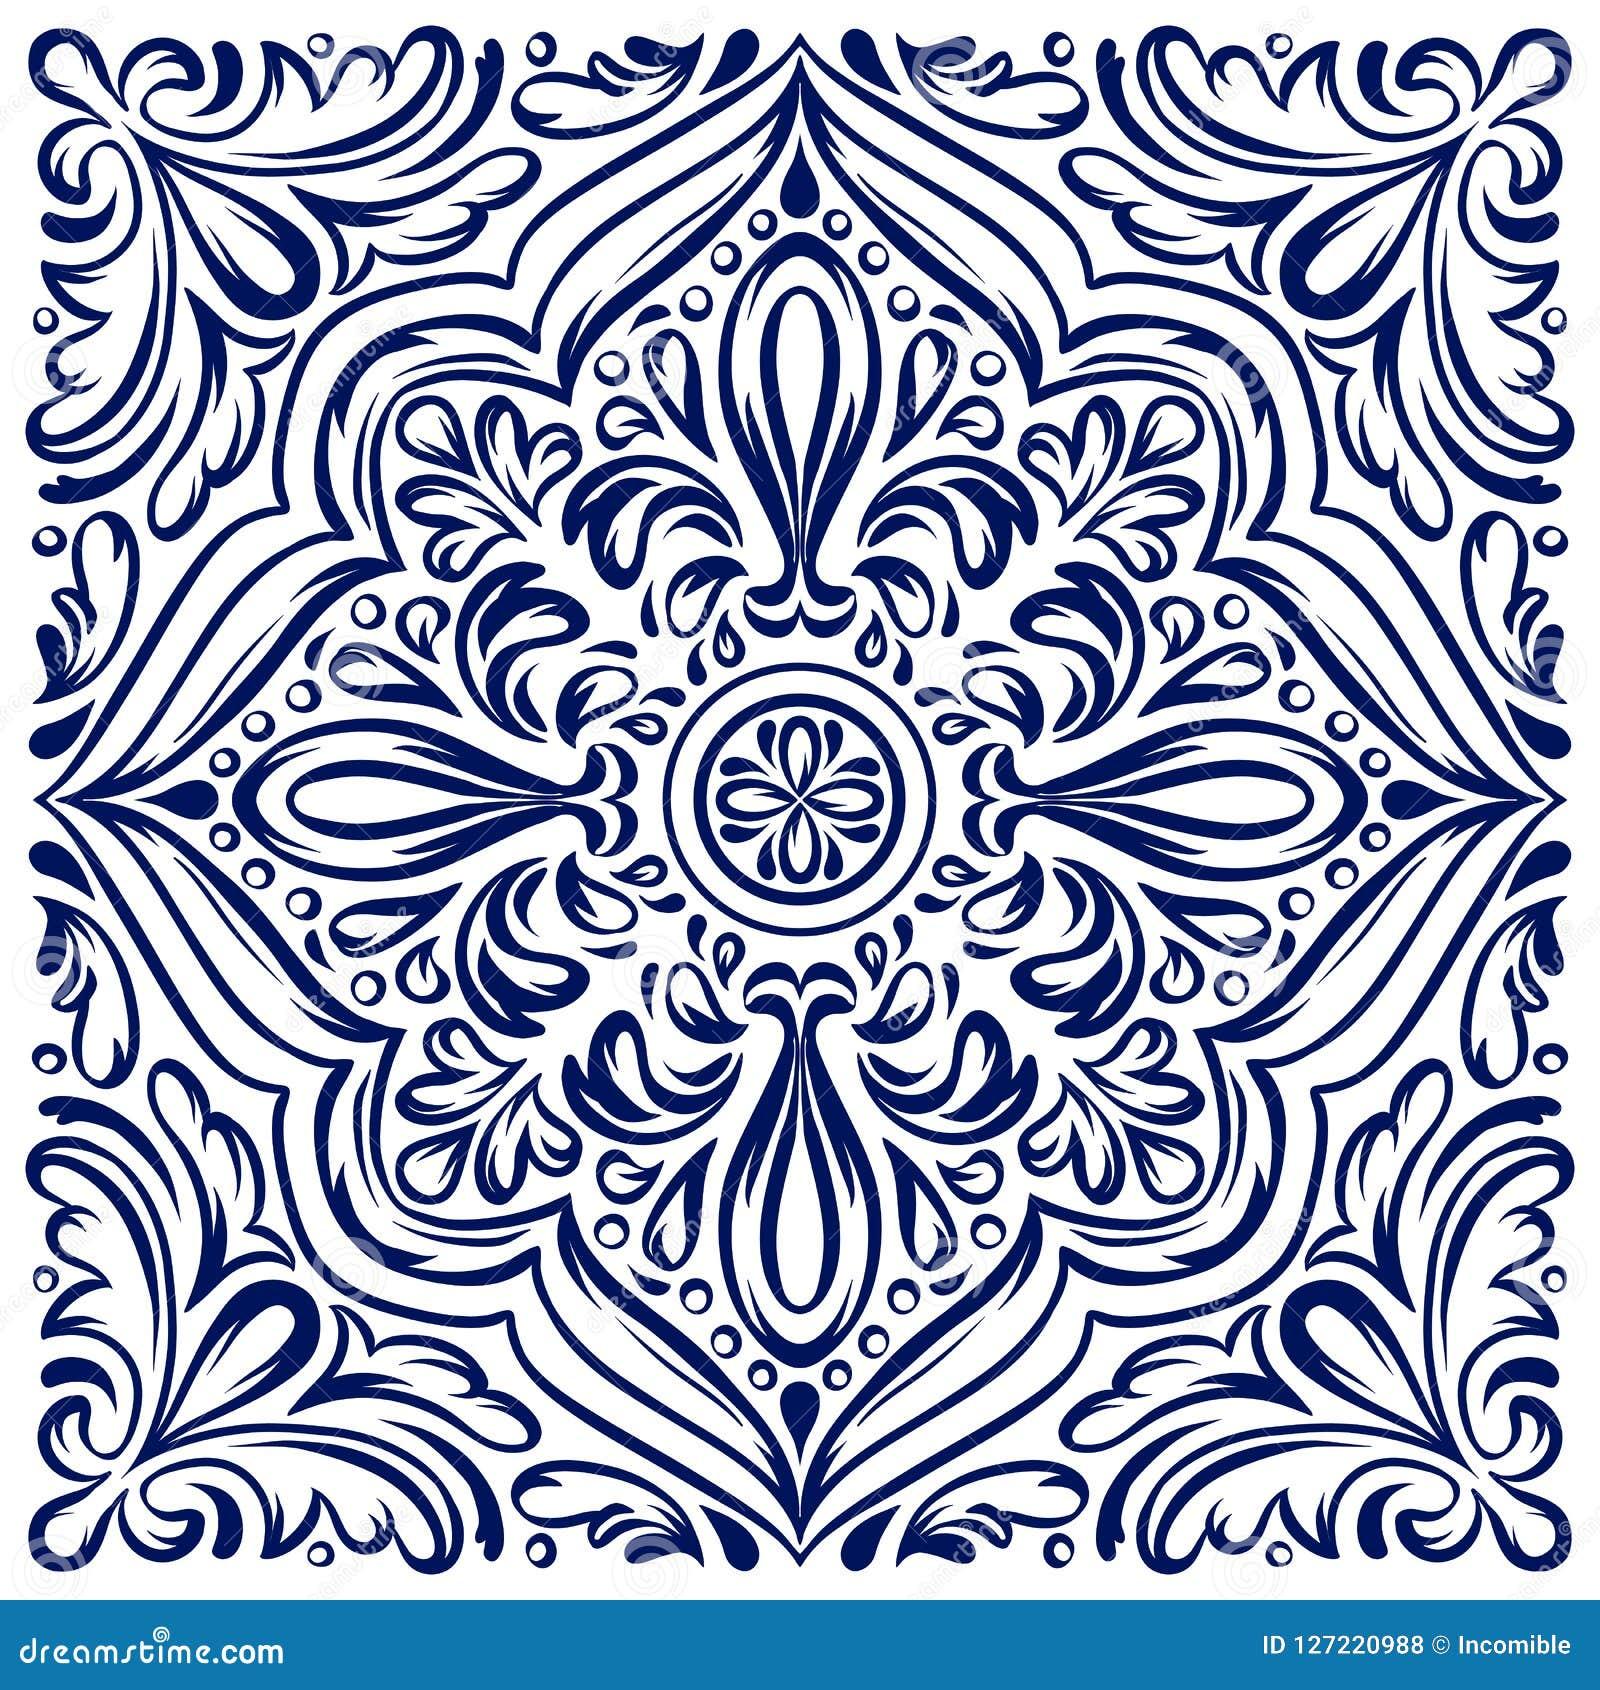 Итальянская картина керамической плитки Этнический фольклорный орнамент